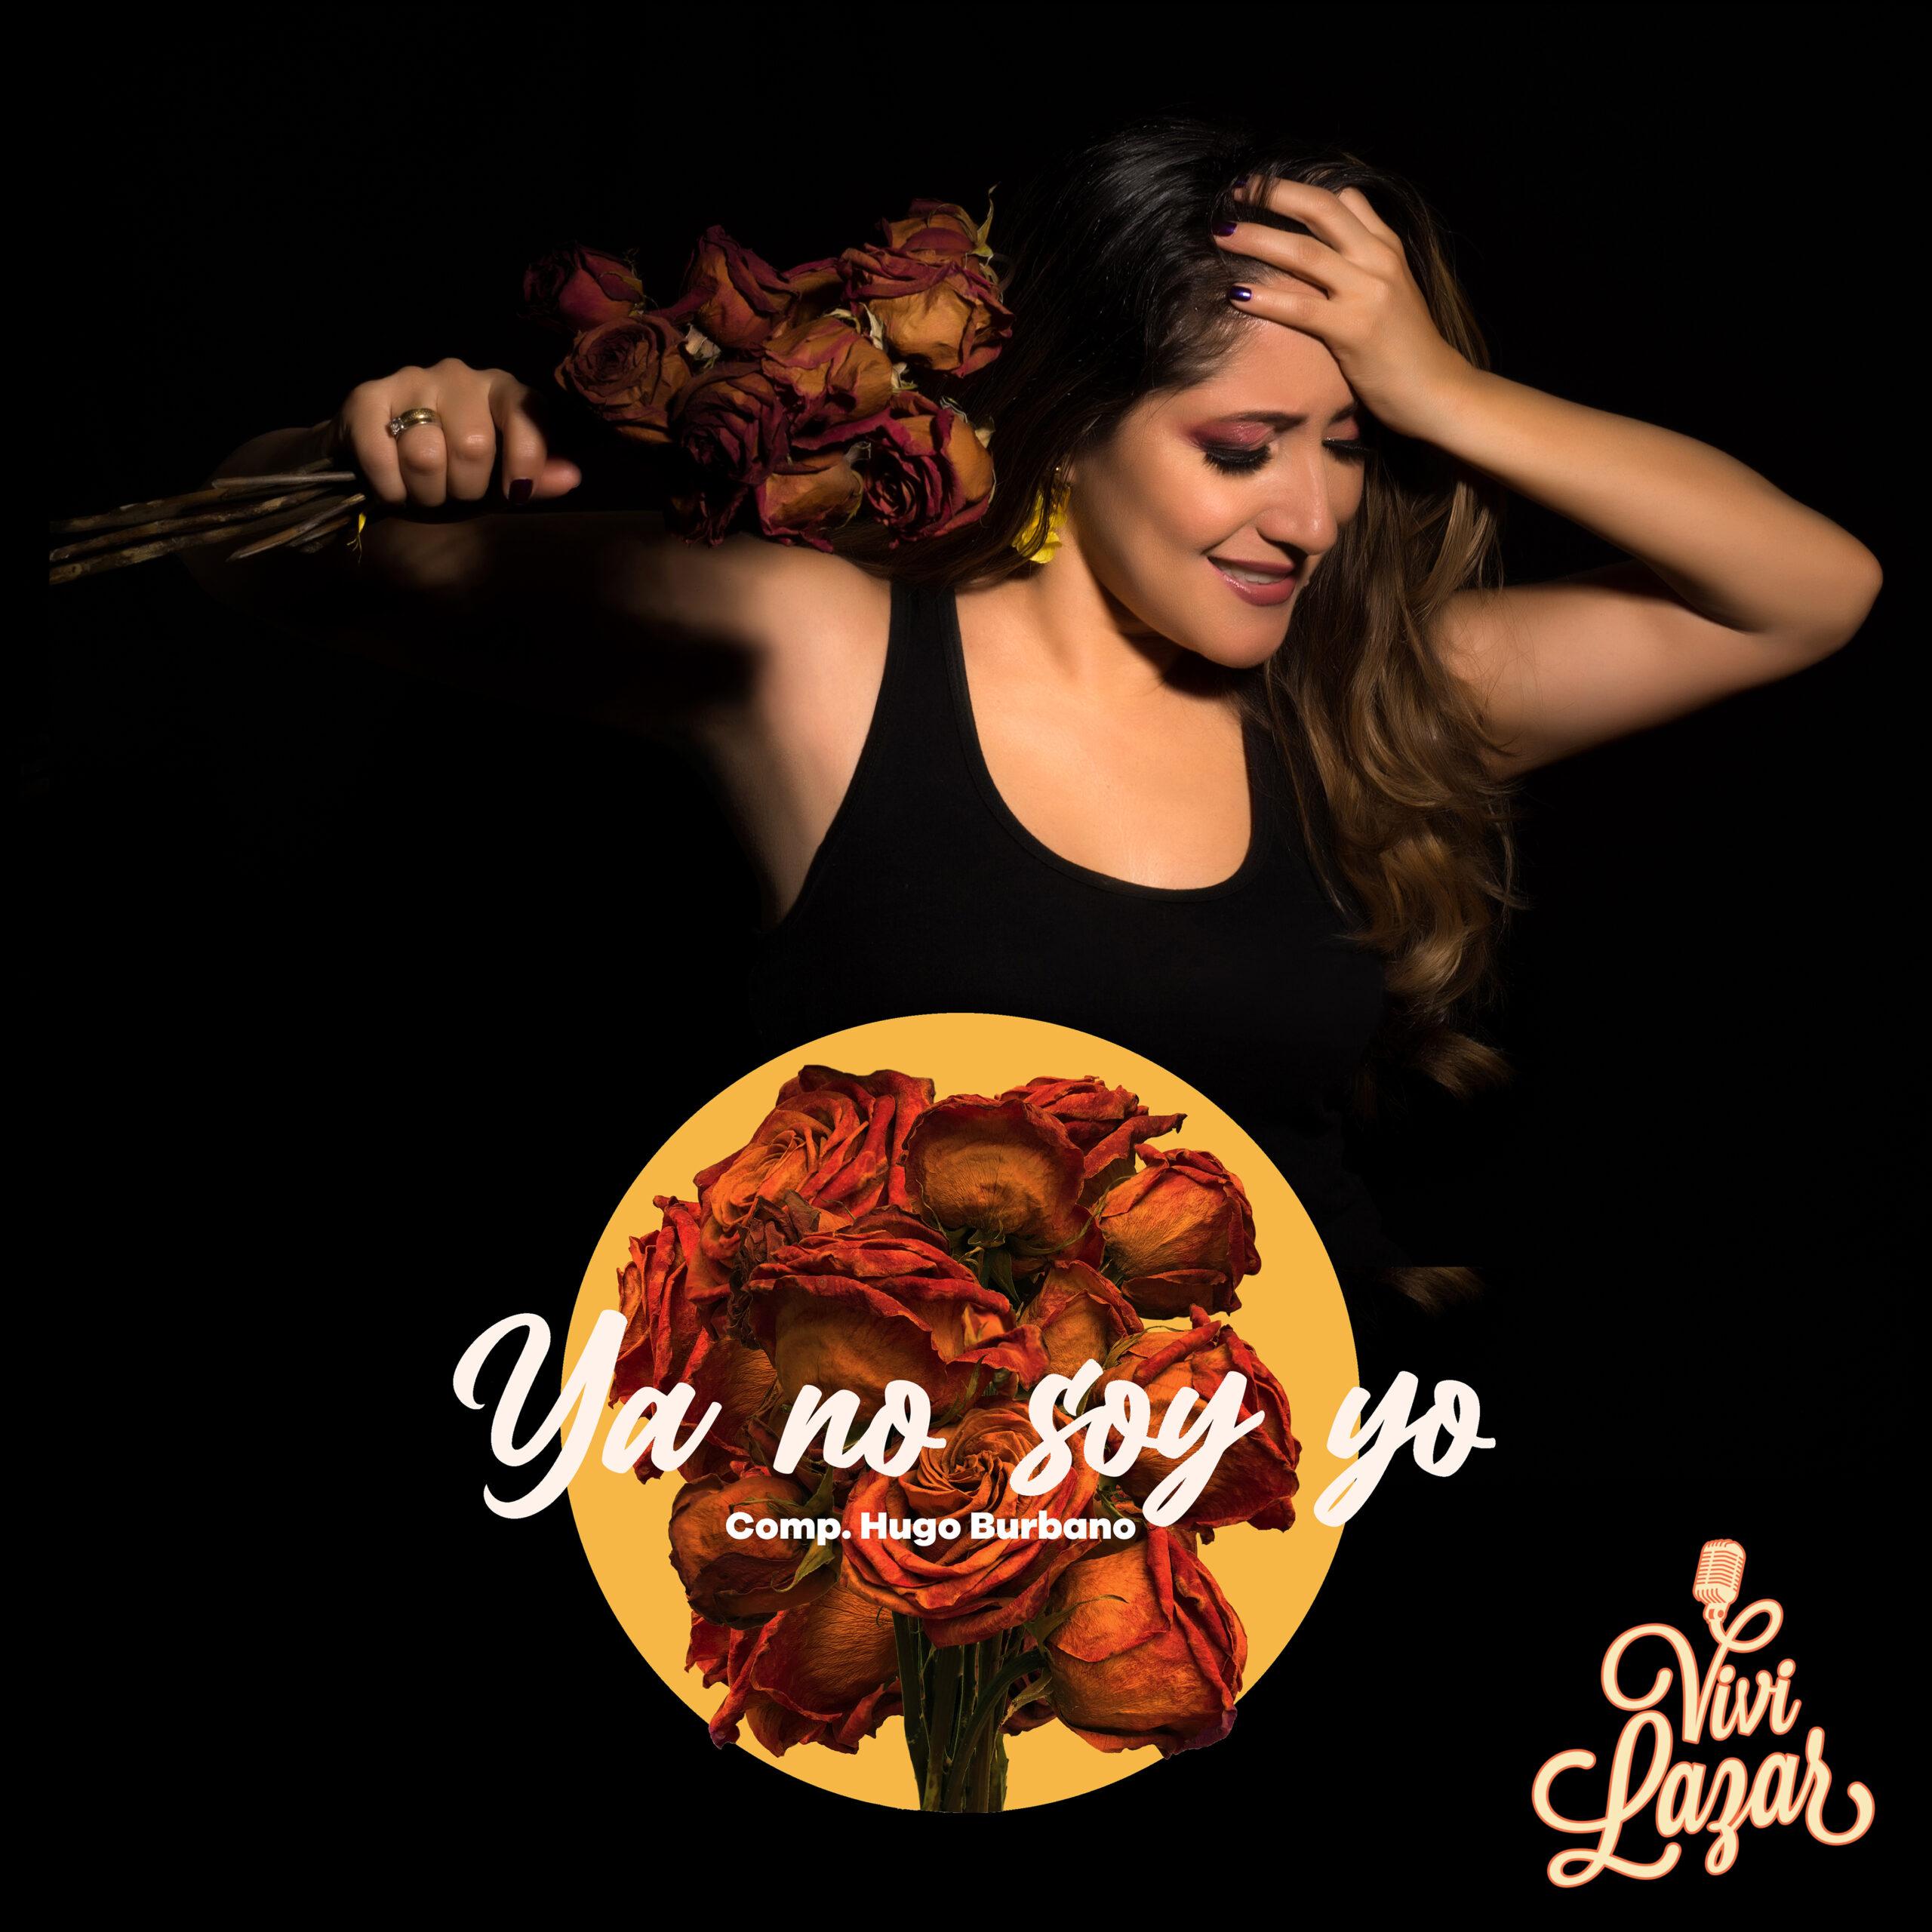 Lanzamiento Artista Vivi Lazar «Ya no soy yo»